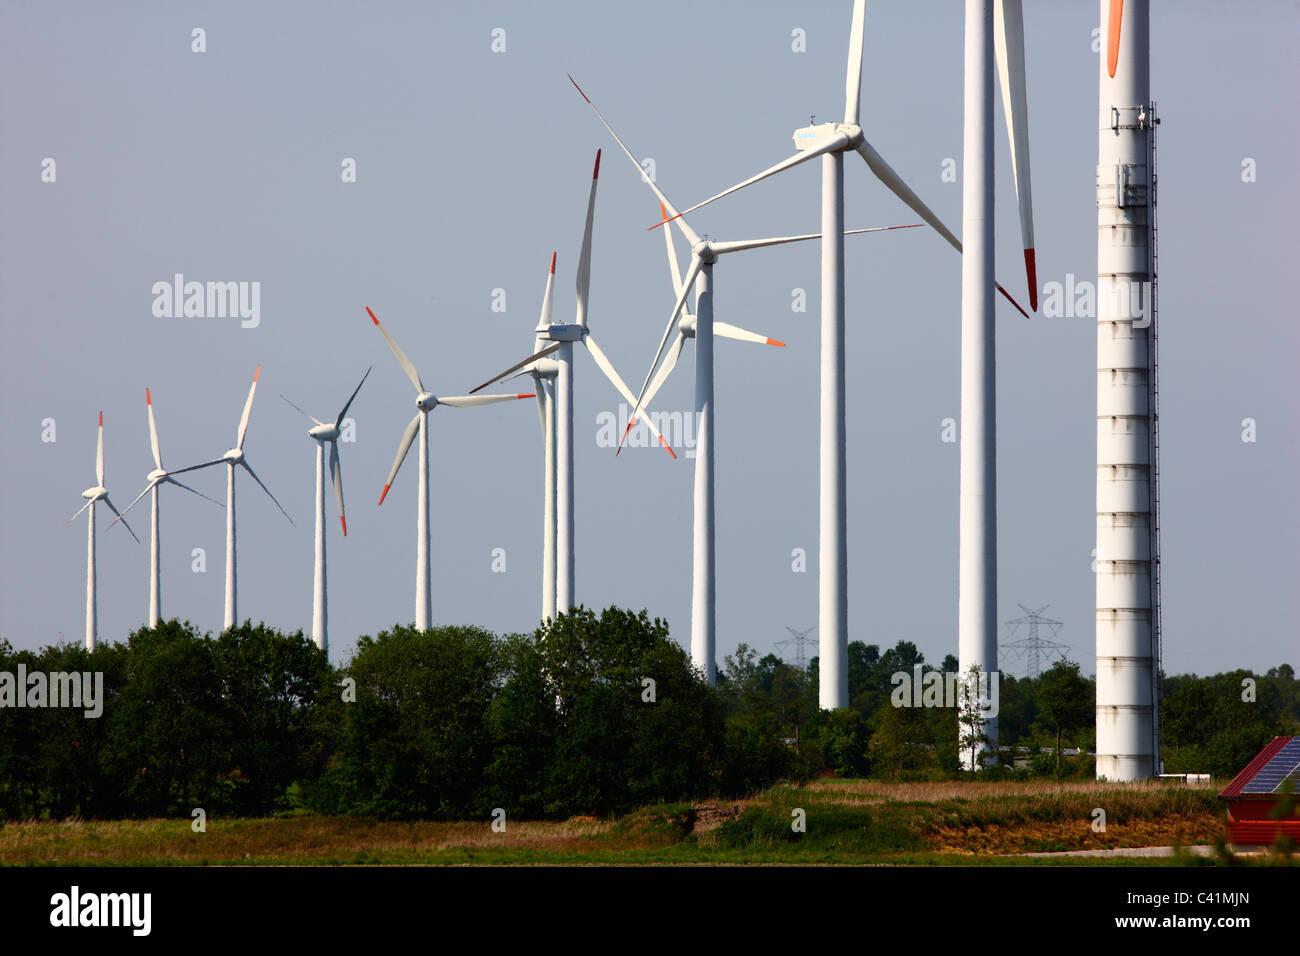 Parc éolien le long de l'autoroute A 31près de Northeim/Hahn, Allemagne. Photo Stock